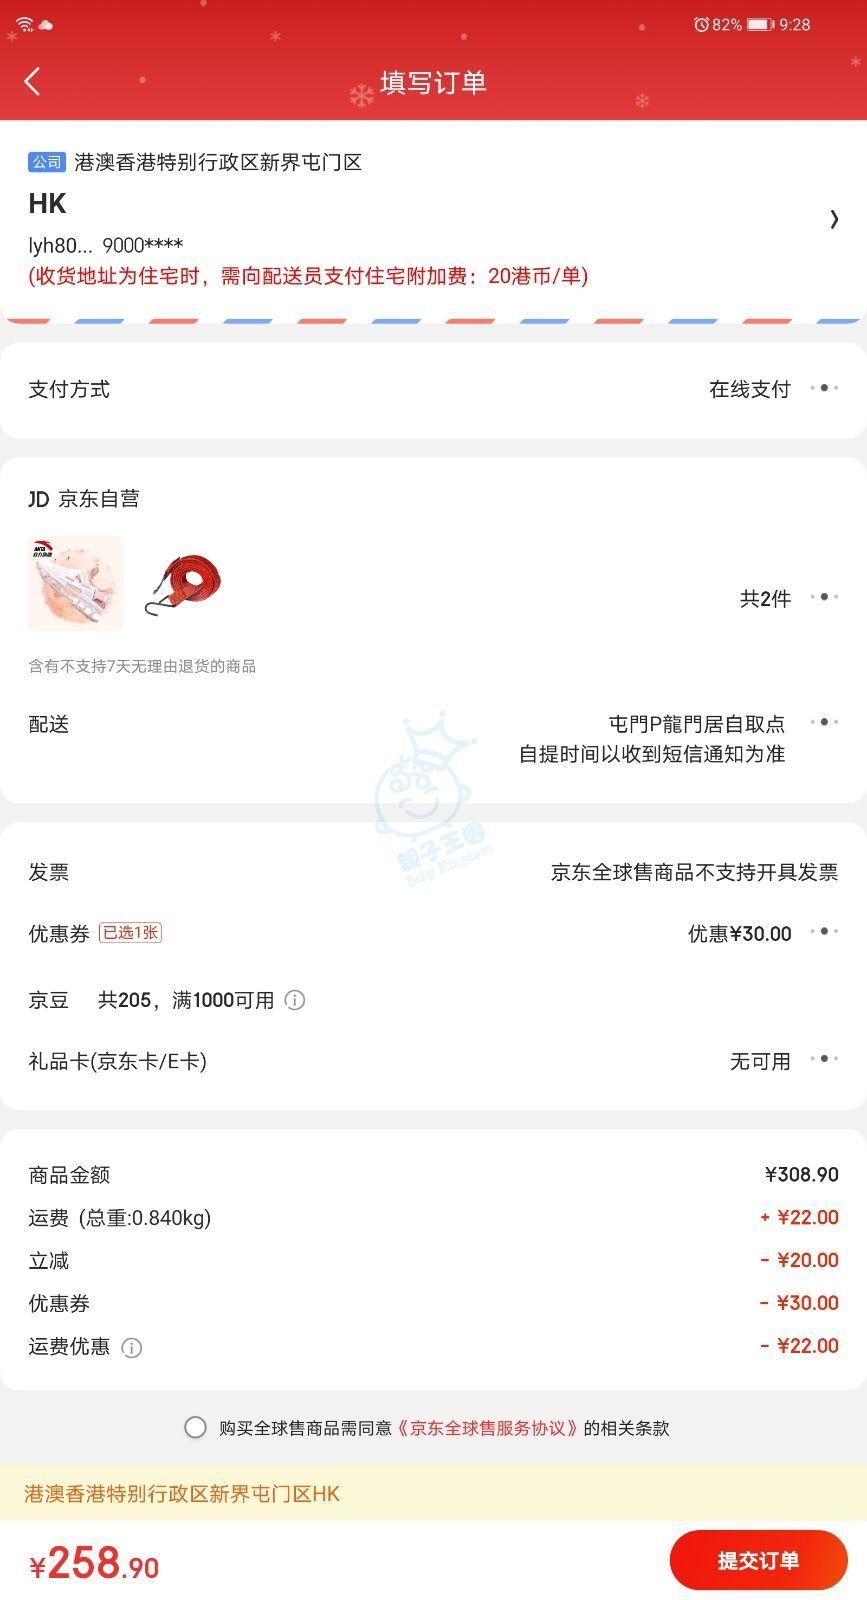 京東非自營產品可用香港銀聯/ BOC Pay比錢嗎 - 網購天地 - Baby Kingdom - 親子王國 香港 討論區